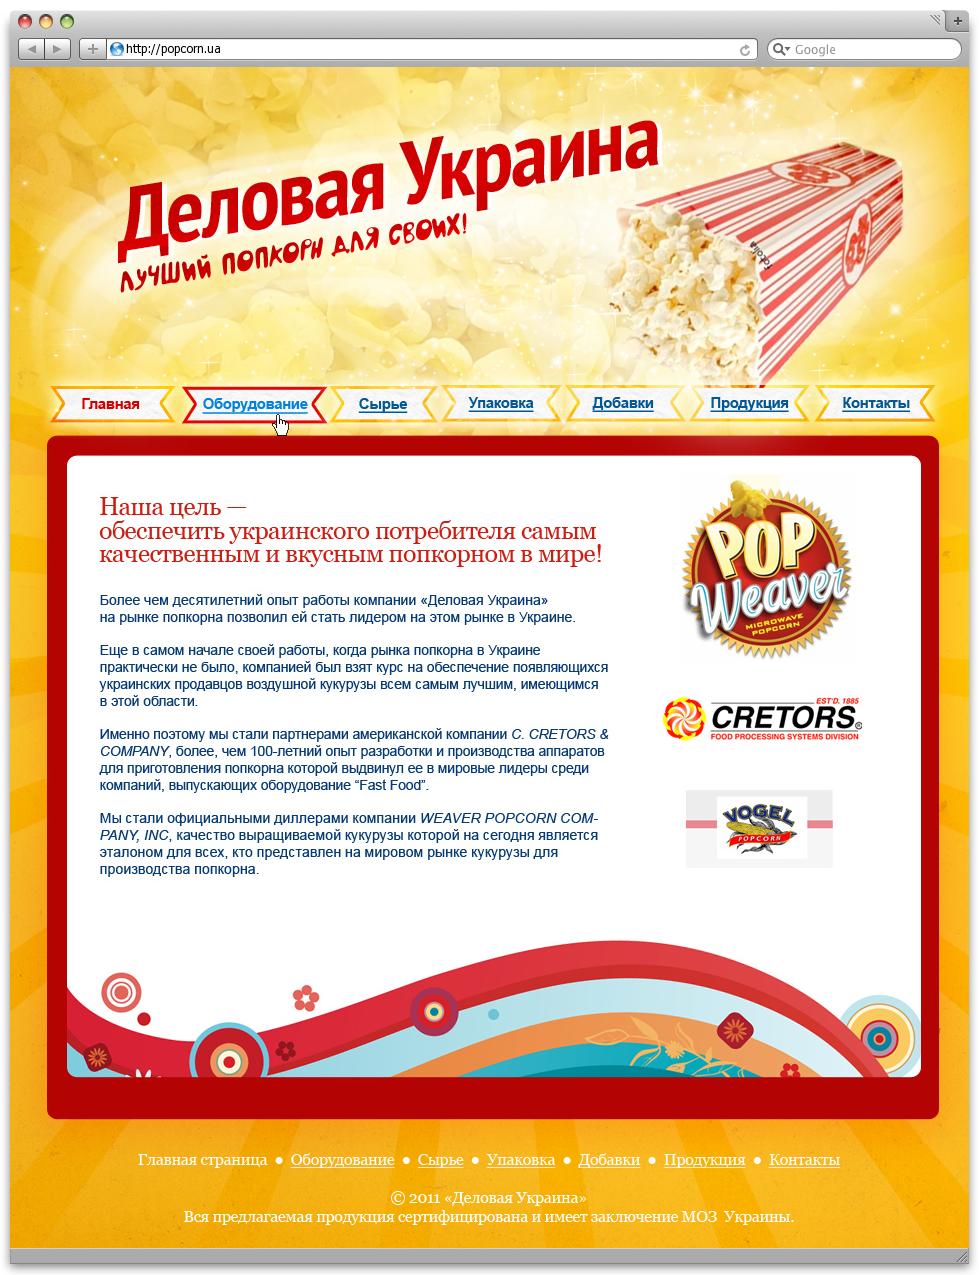 «Деловая Украина»